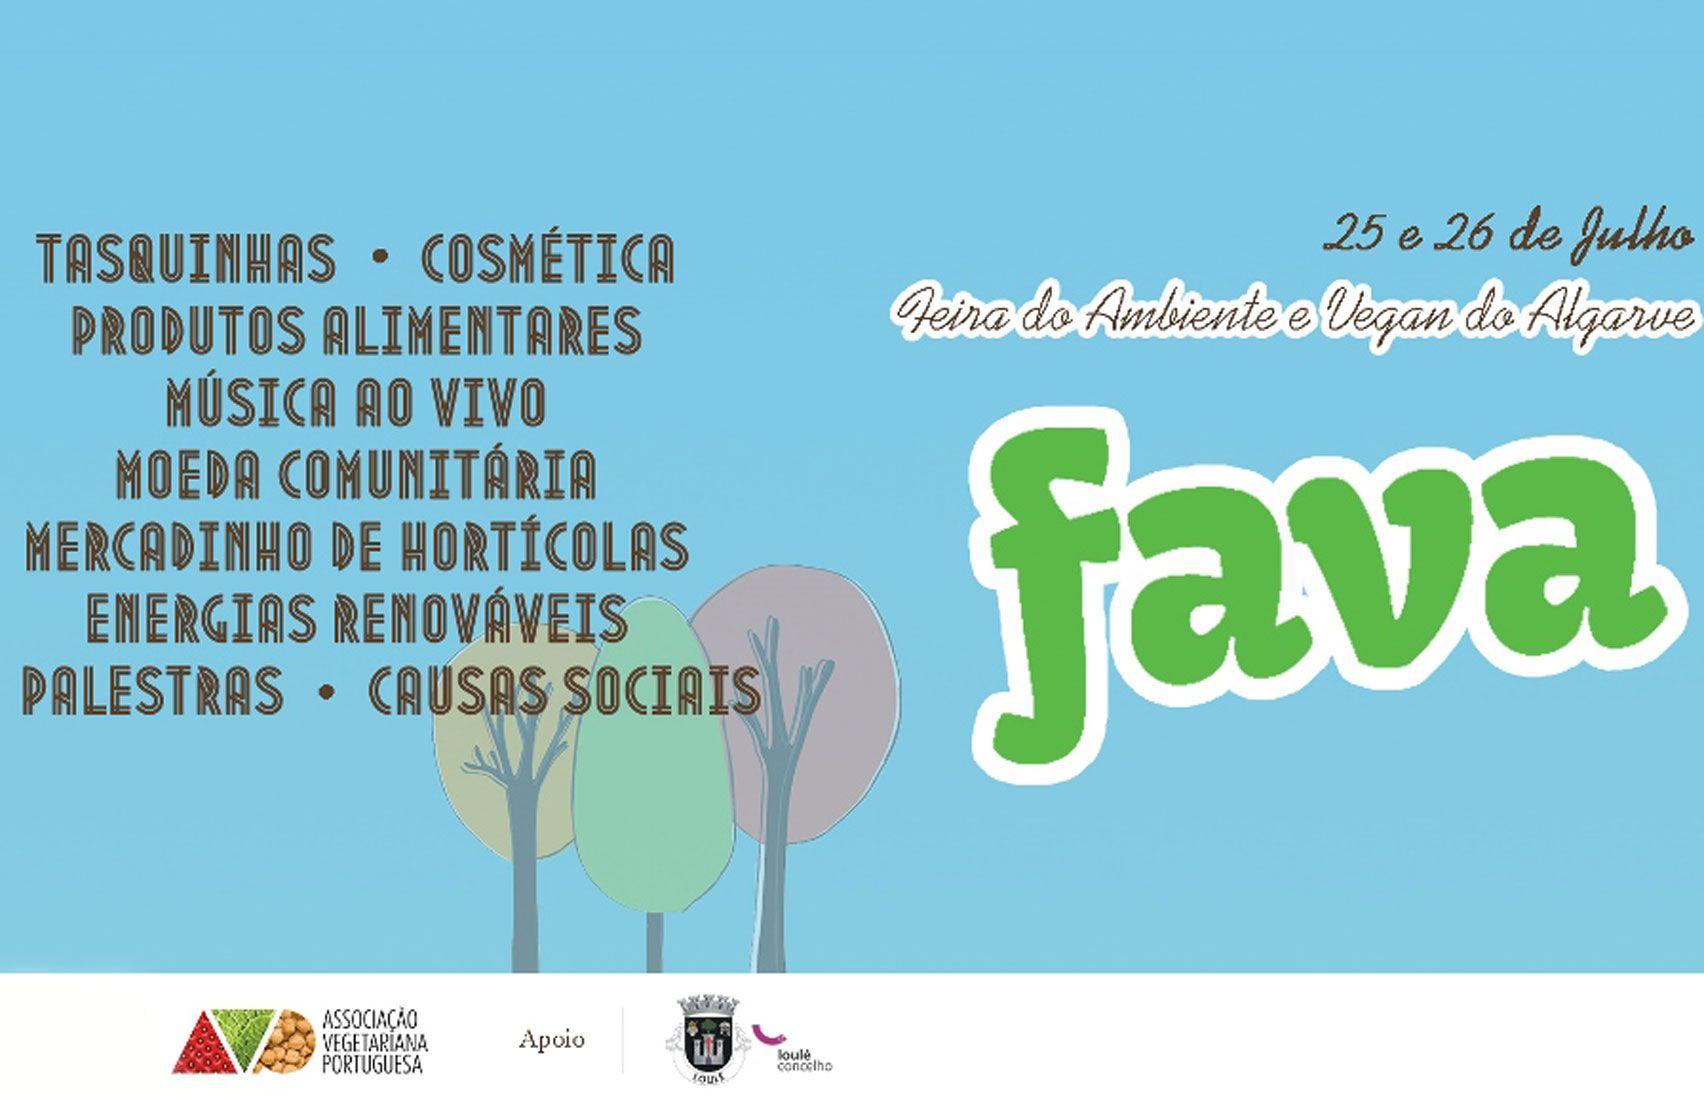 Feira Ambientalista e Vegan do Algarve (FAVA)